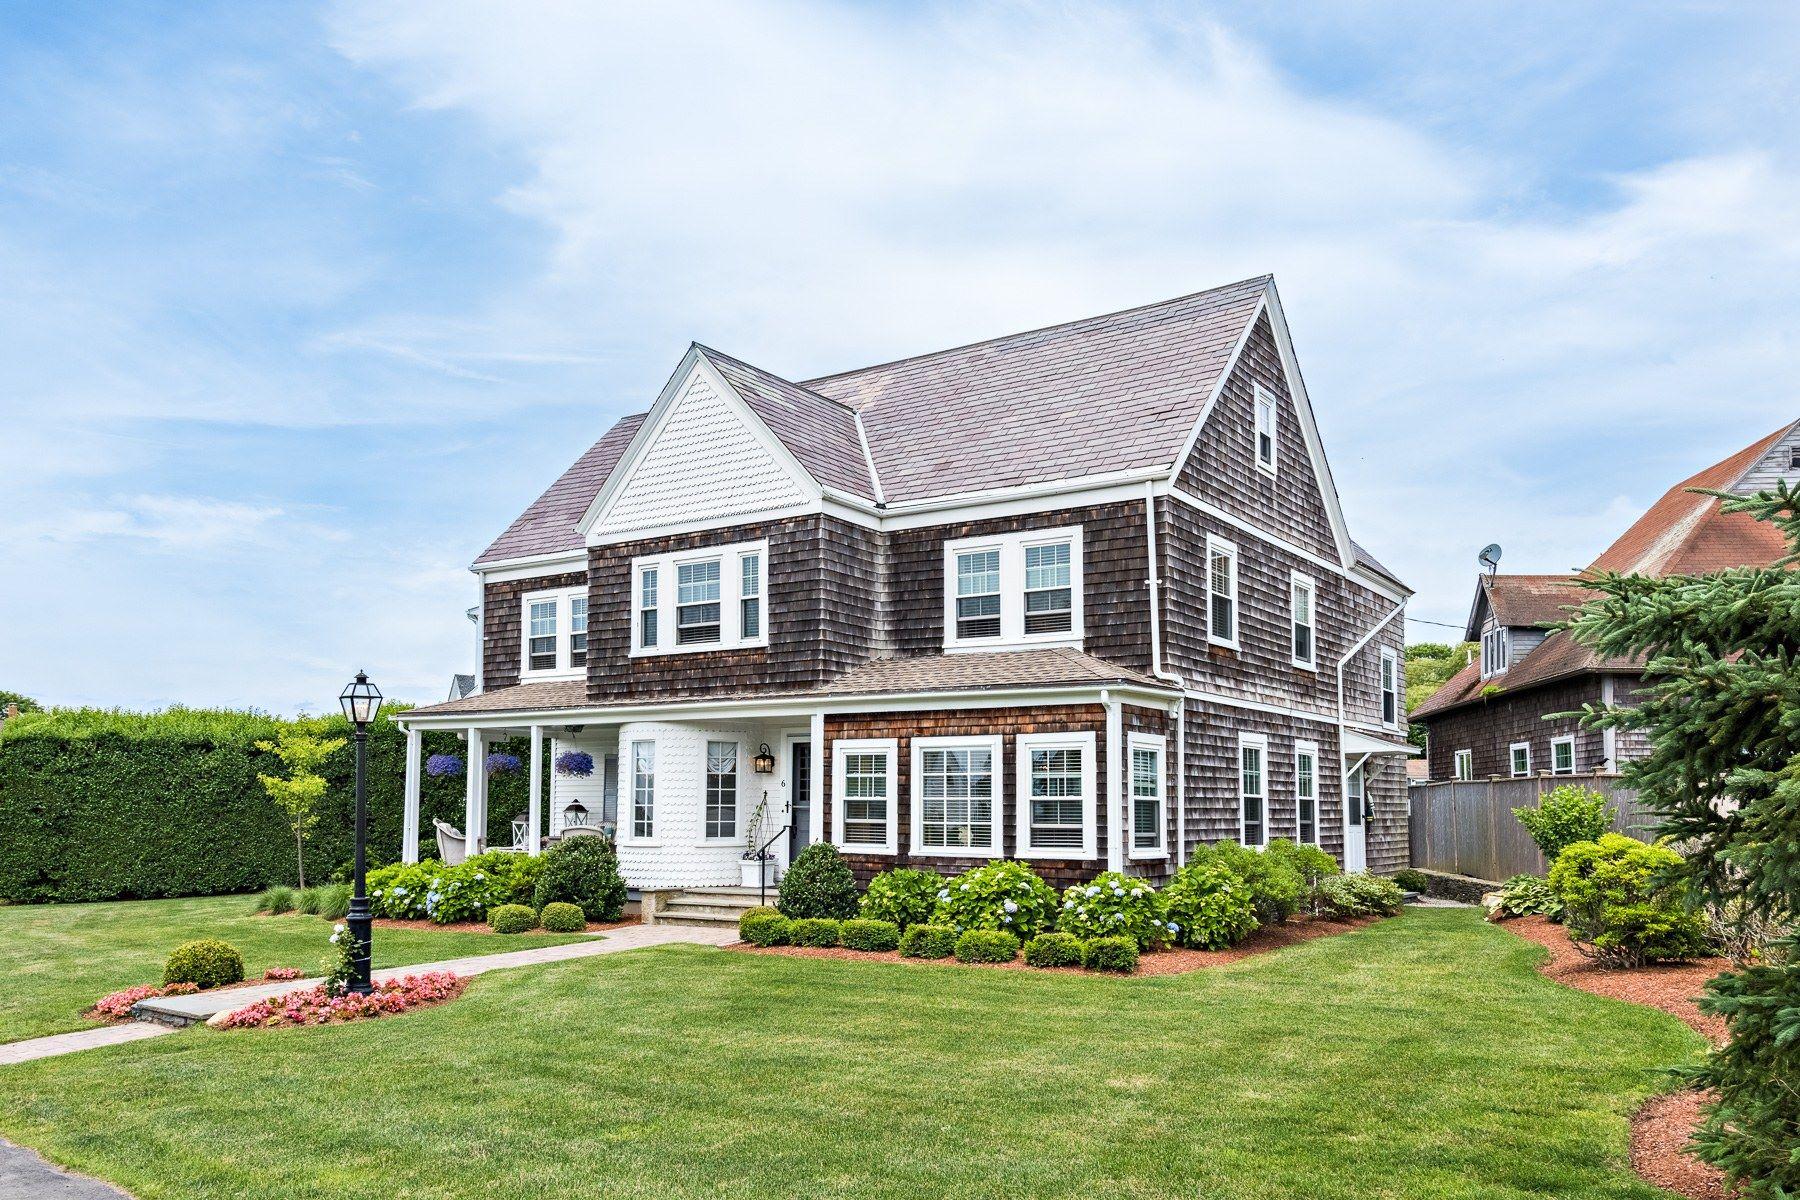 single family homes for Sale at 6 Renfrew Park Av, Middletown, RI Middletown, Rhode Island 02842 United States